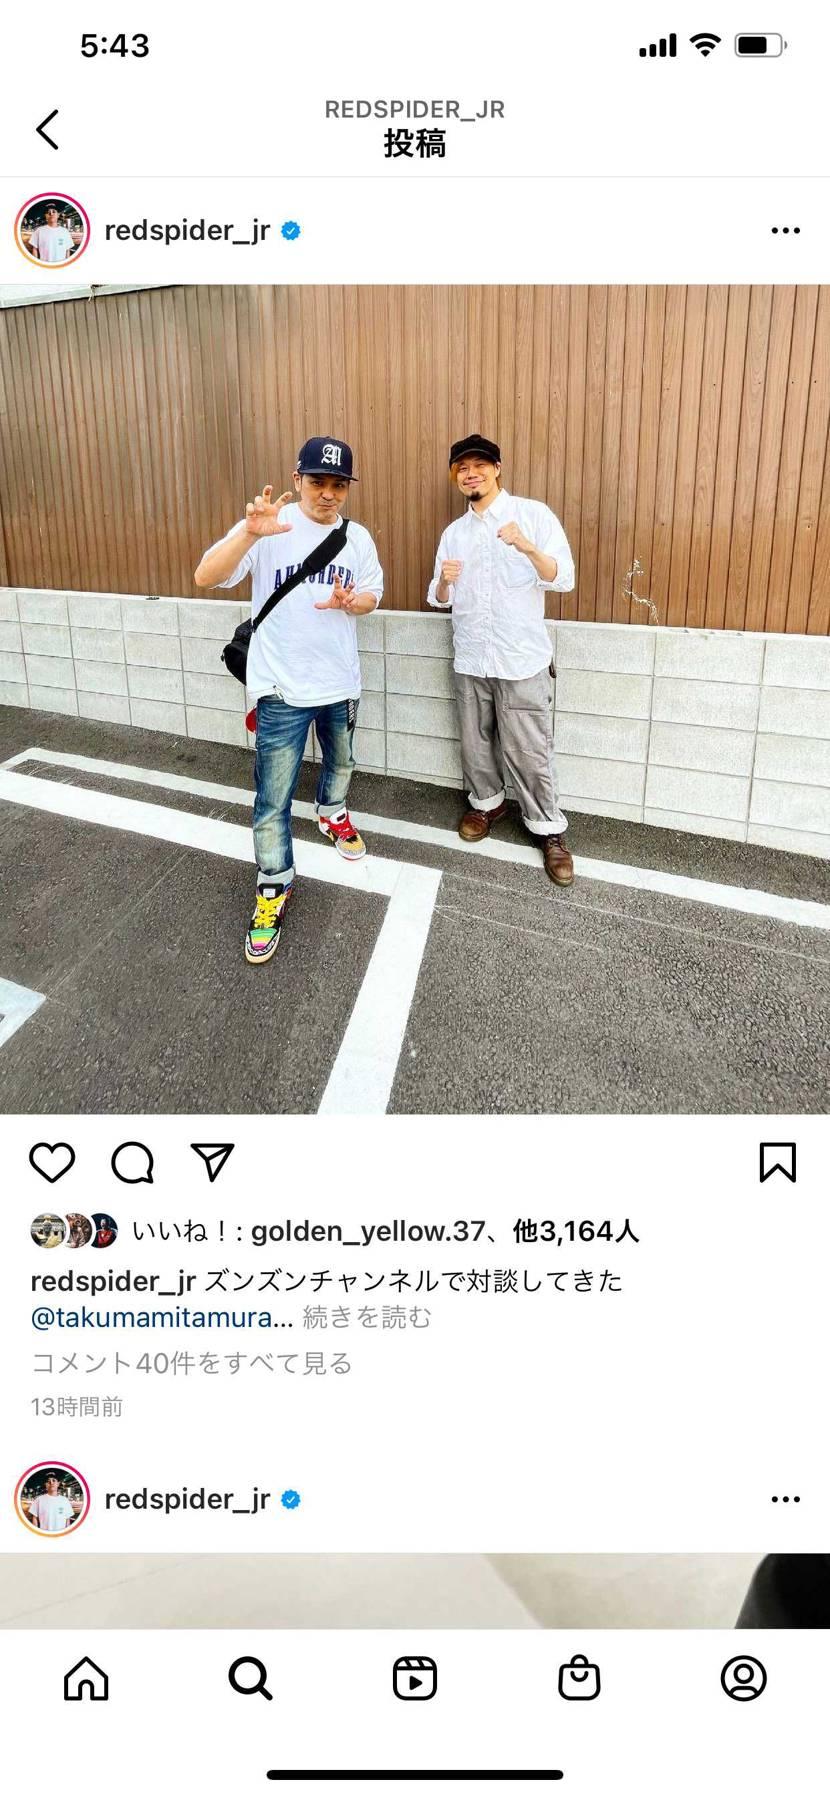 junior君おろすのんやっぱし早い!! 8484884やでヽ(゚∀゚)ノ